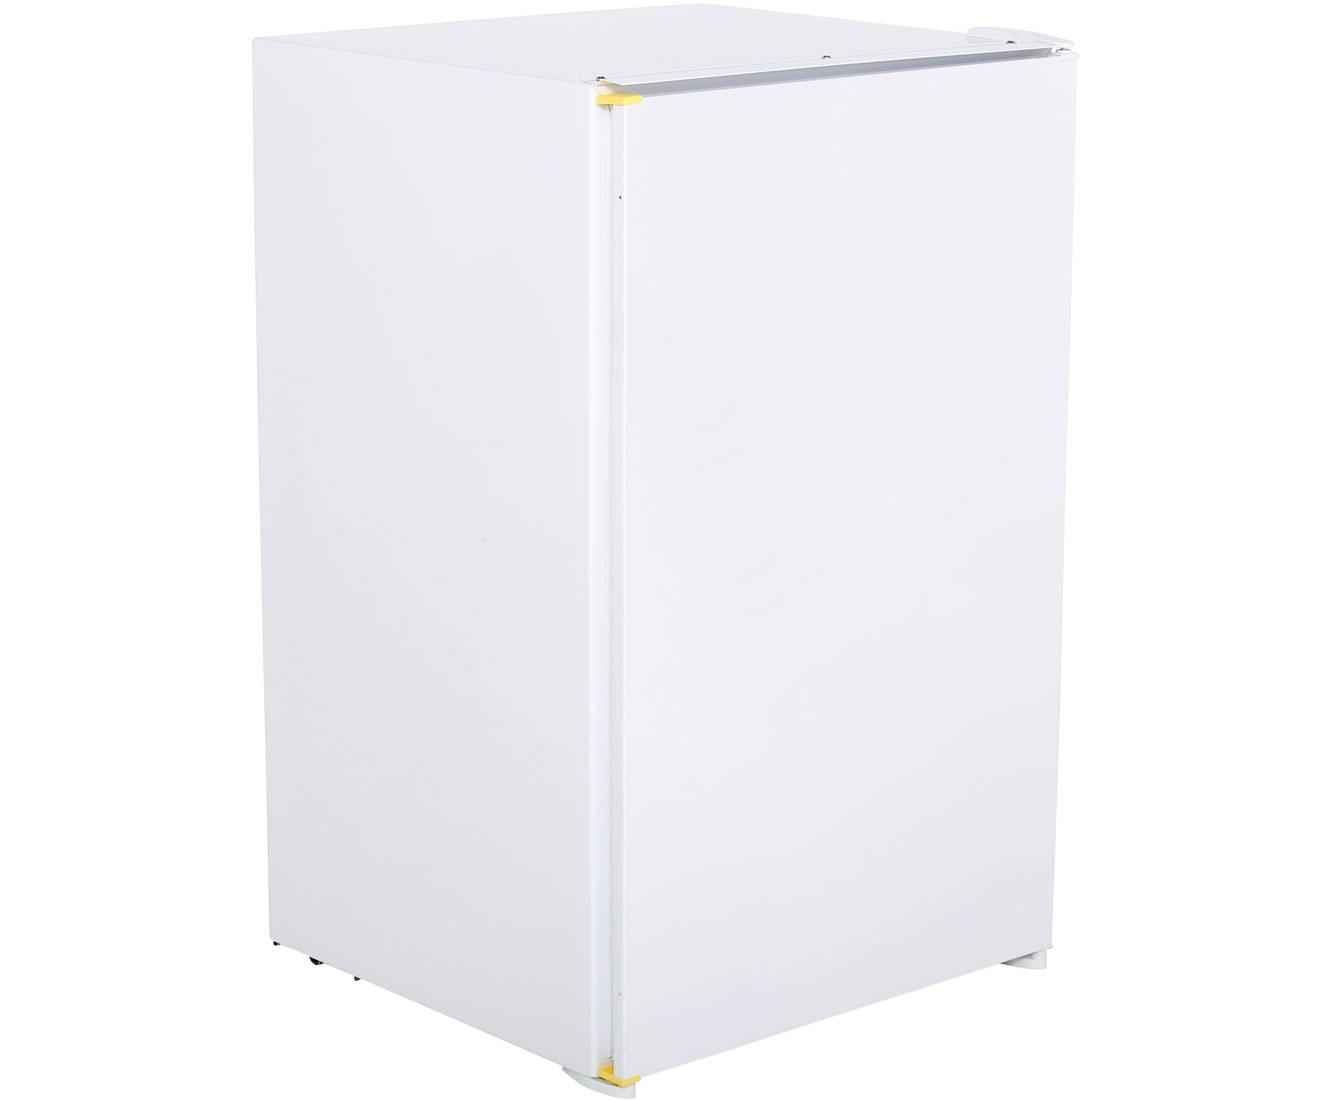 Gorenje Kühlschrank Anschlag Wechseln : Gorenje rbi aw einbau kühlschrank mit gefrierfach er